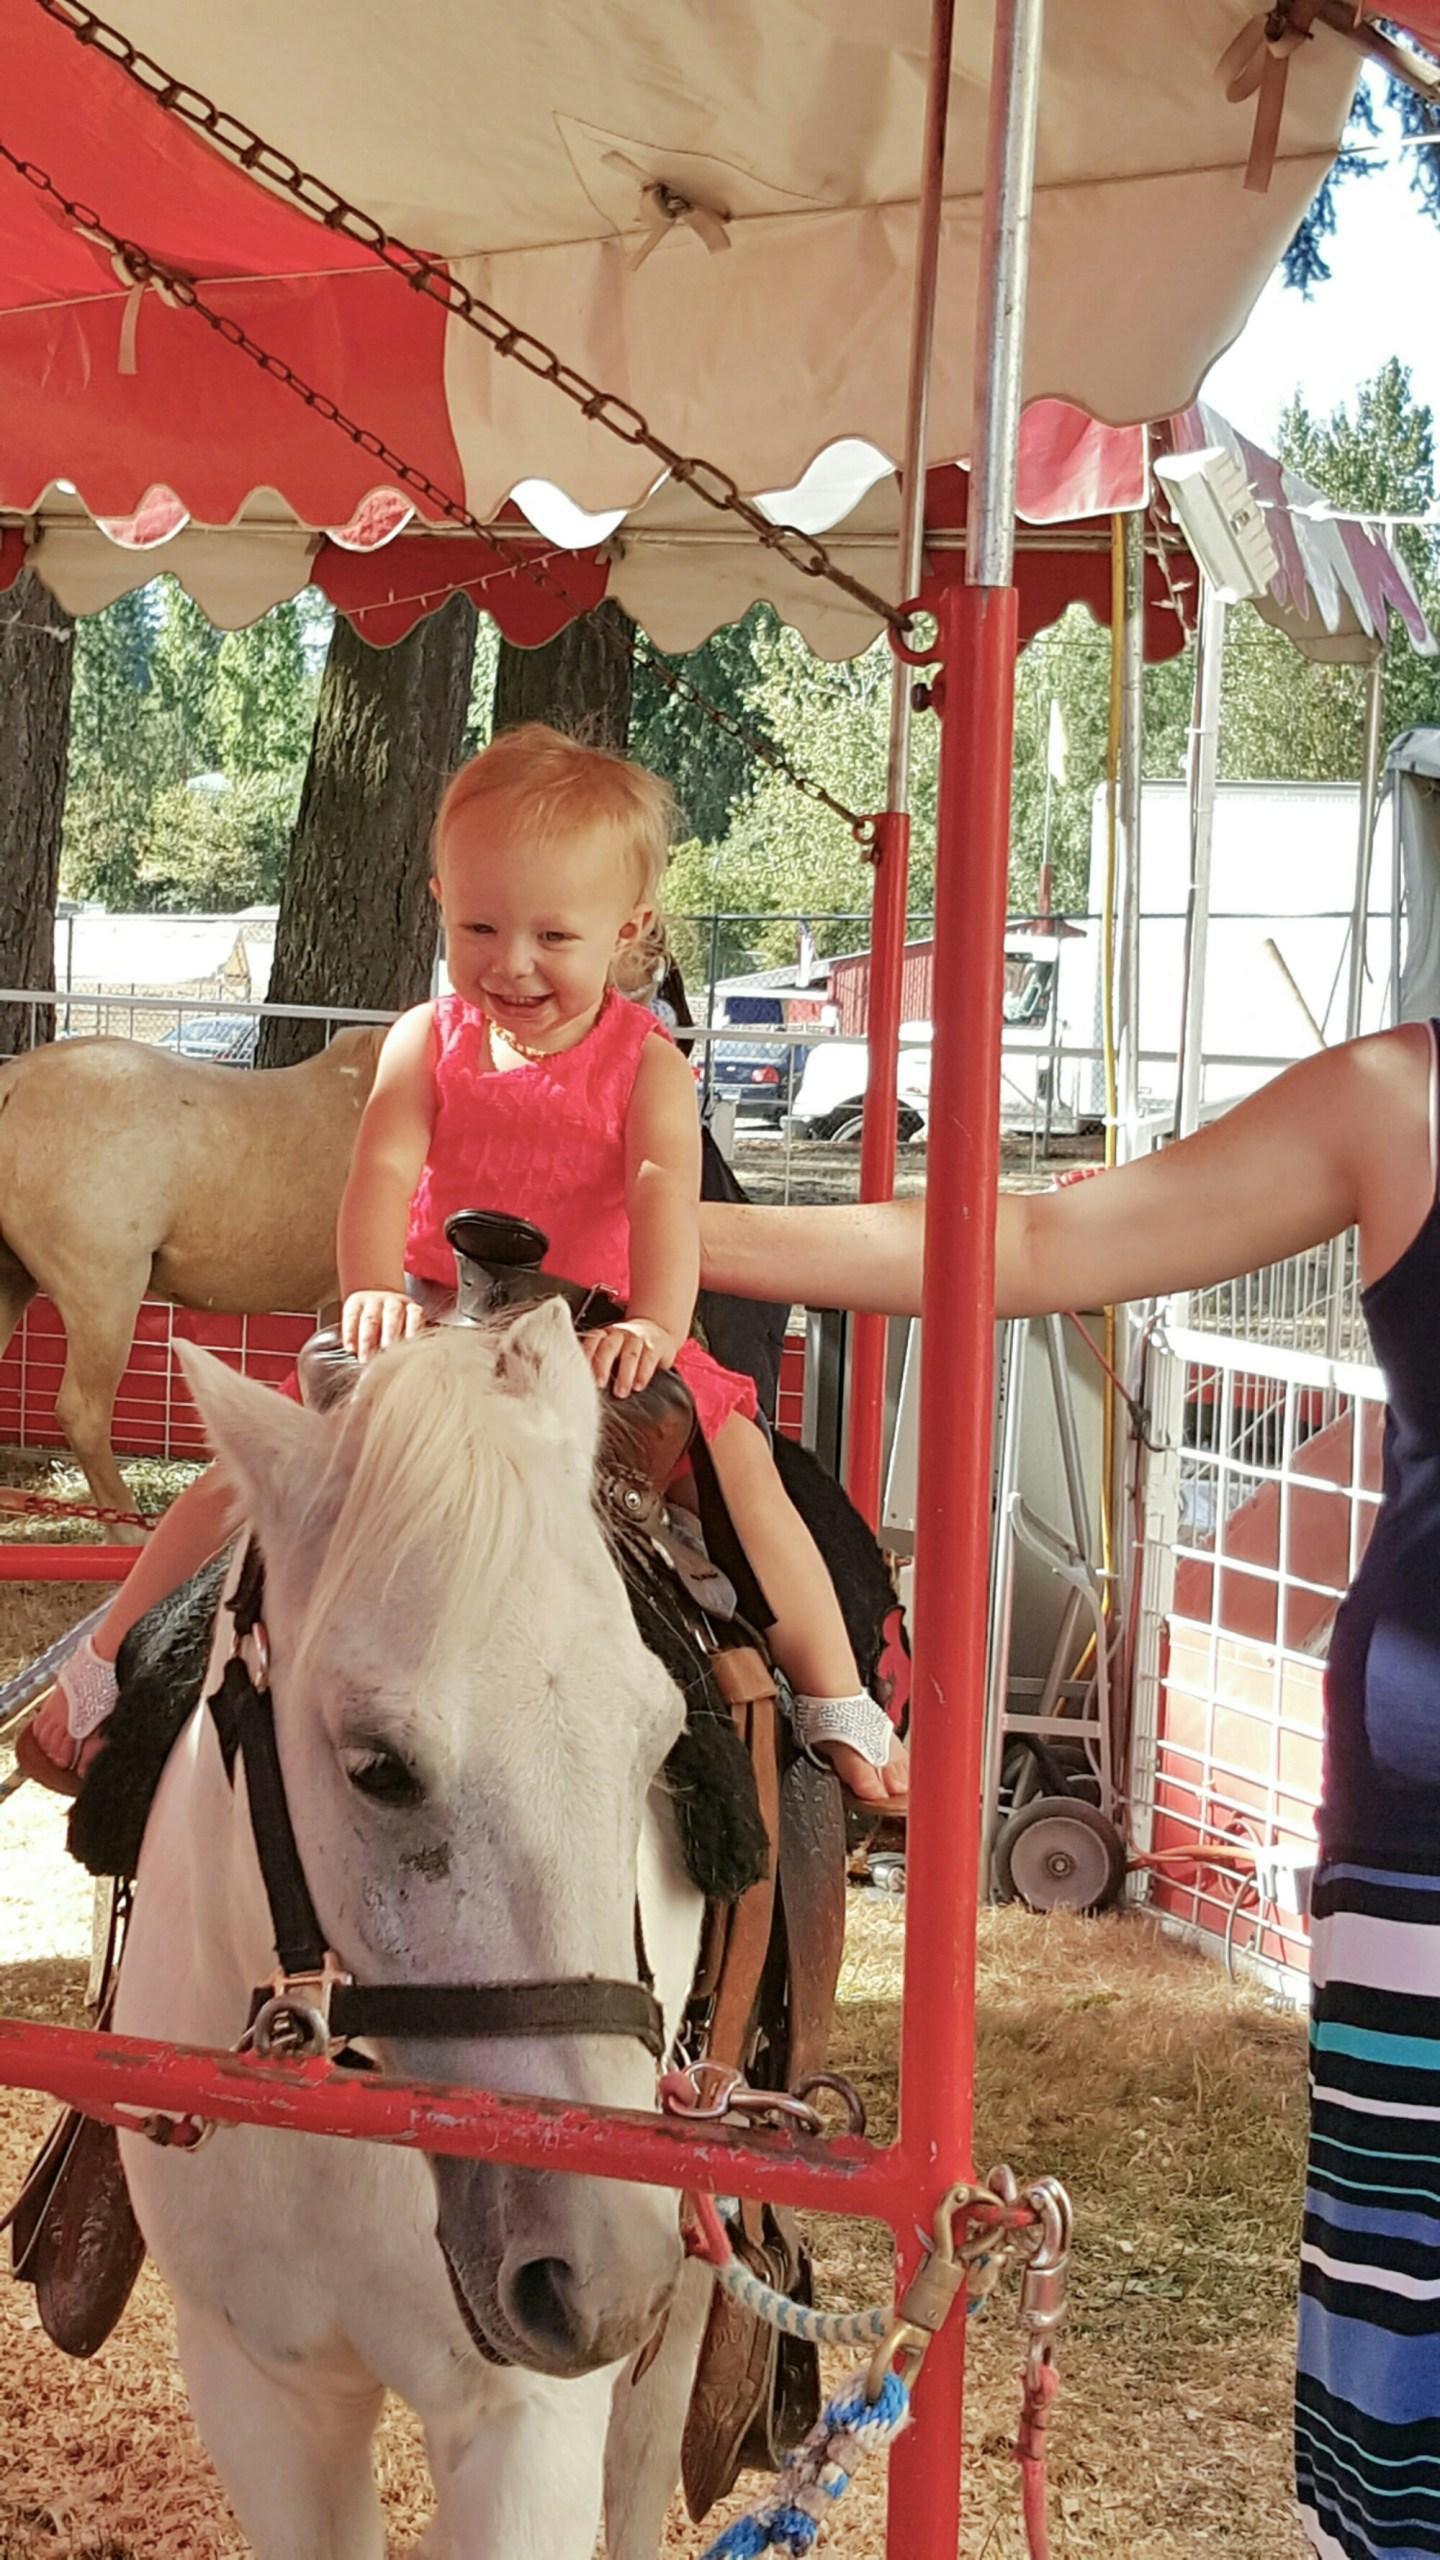 2 Days of Fun at the Clark County Fair in Ridgefield, WA